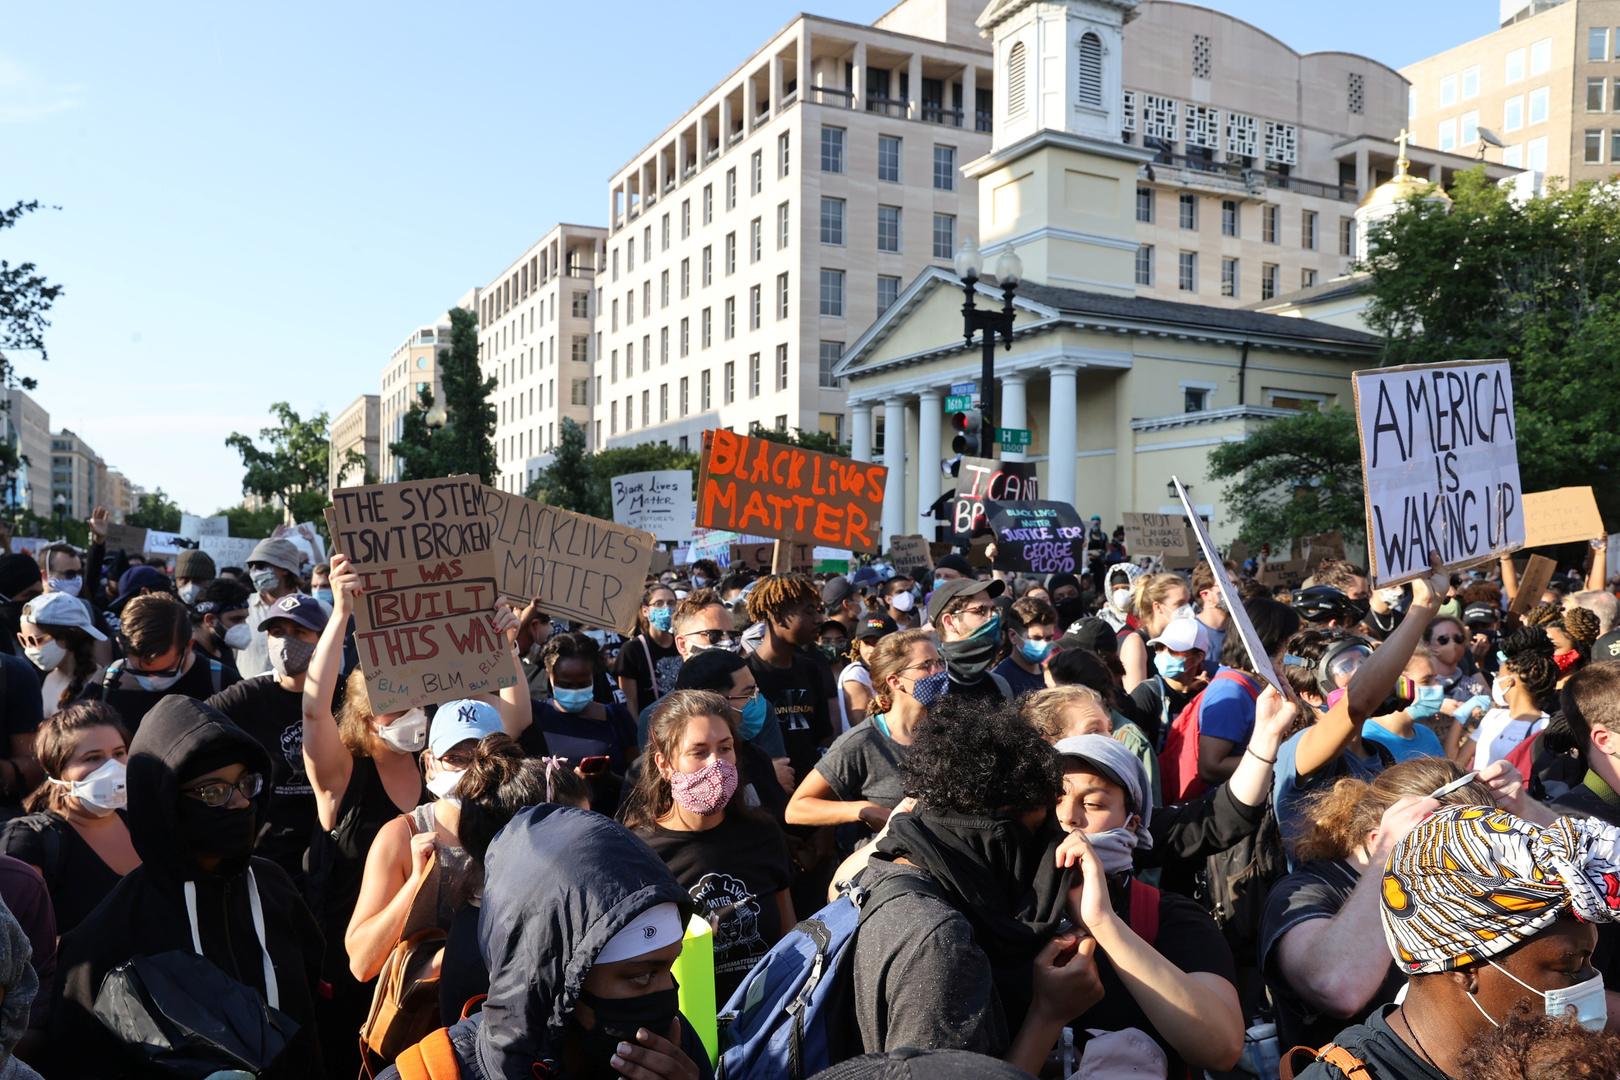 متظاهرون قرب البيت الأبيض مساء 2 يونيو.